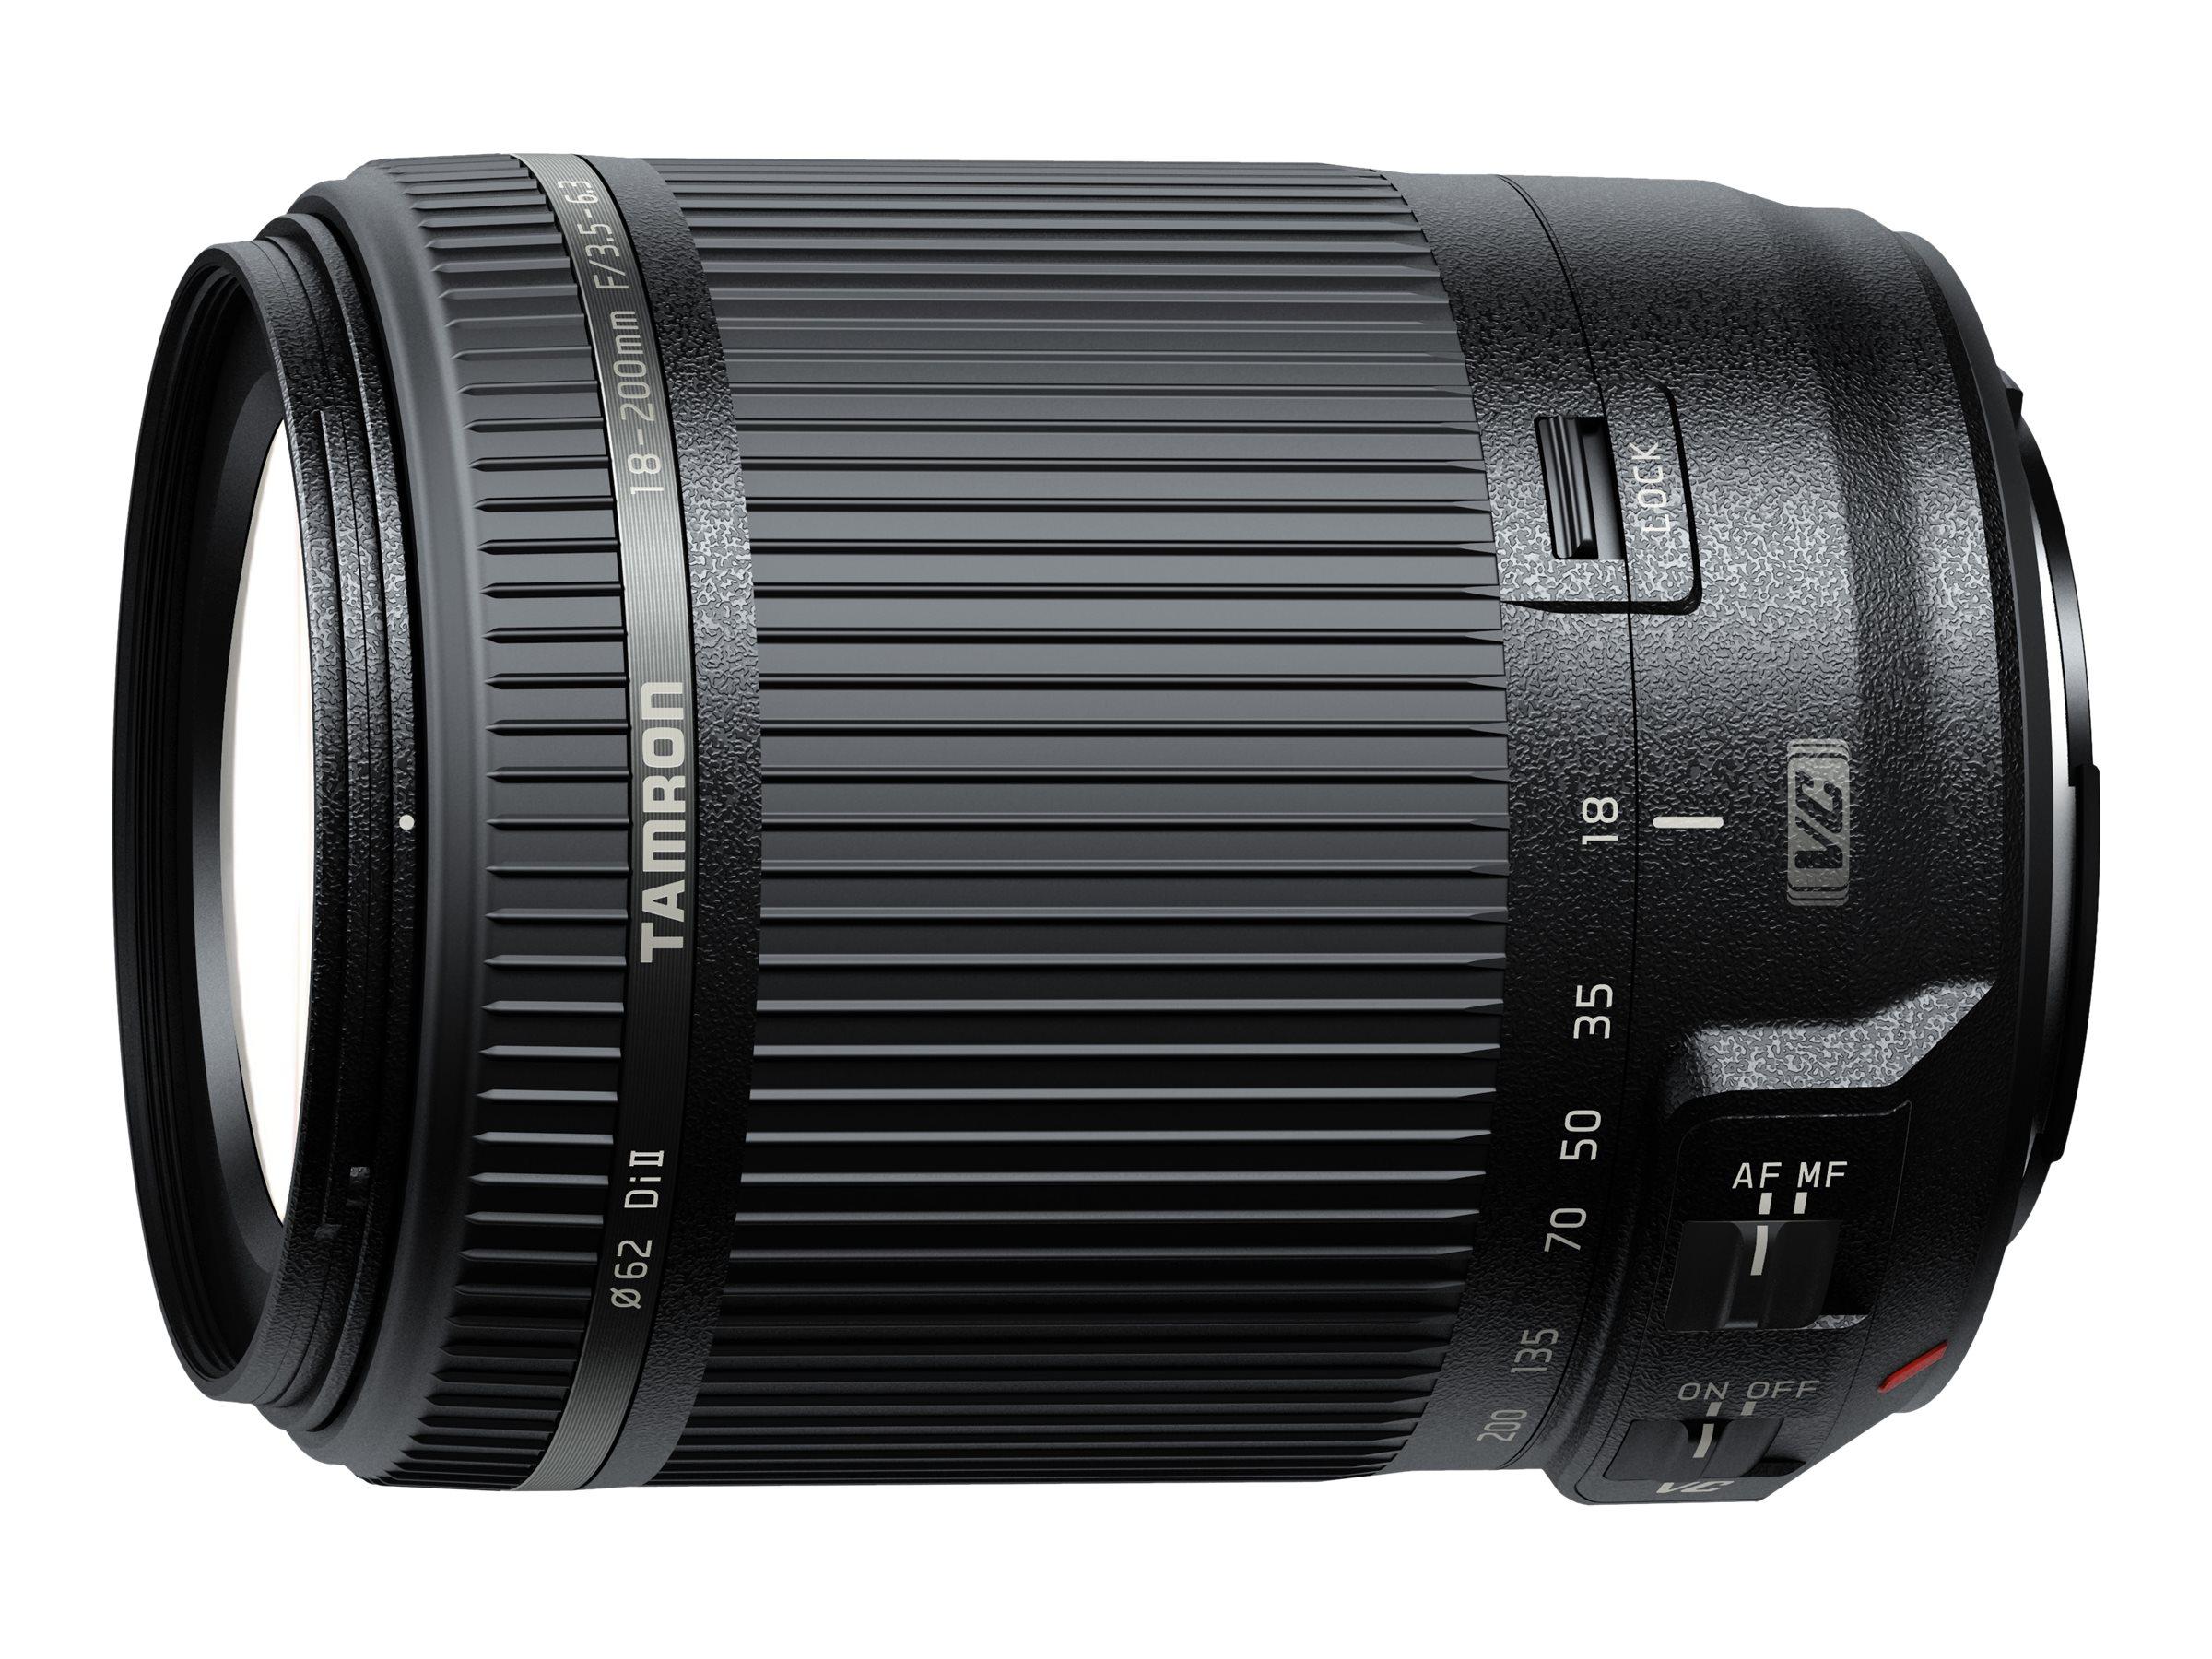 Tamron B018 - Zoomobjektiv - 18 mm - 200 mm - f/3.5-6.3 Di II VC - Nikon F